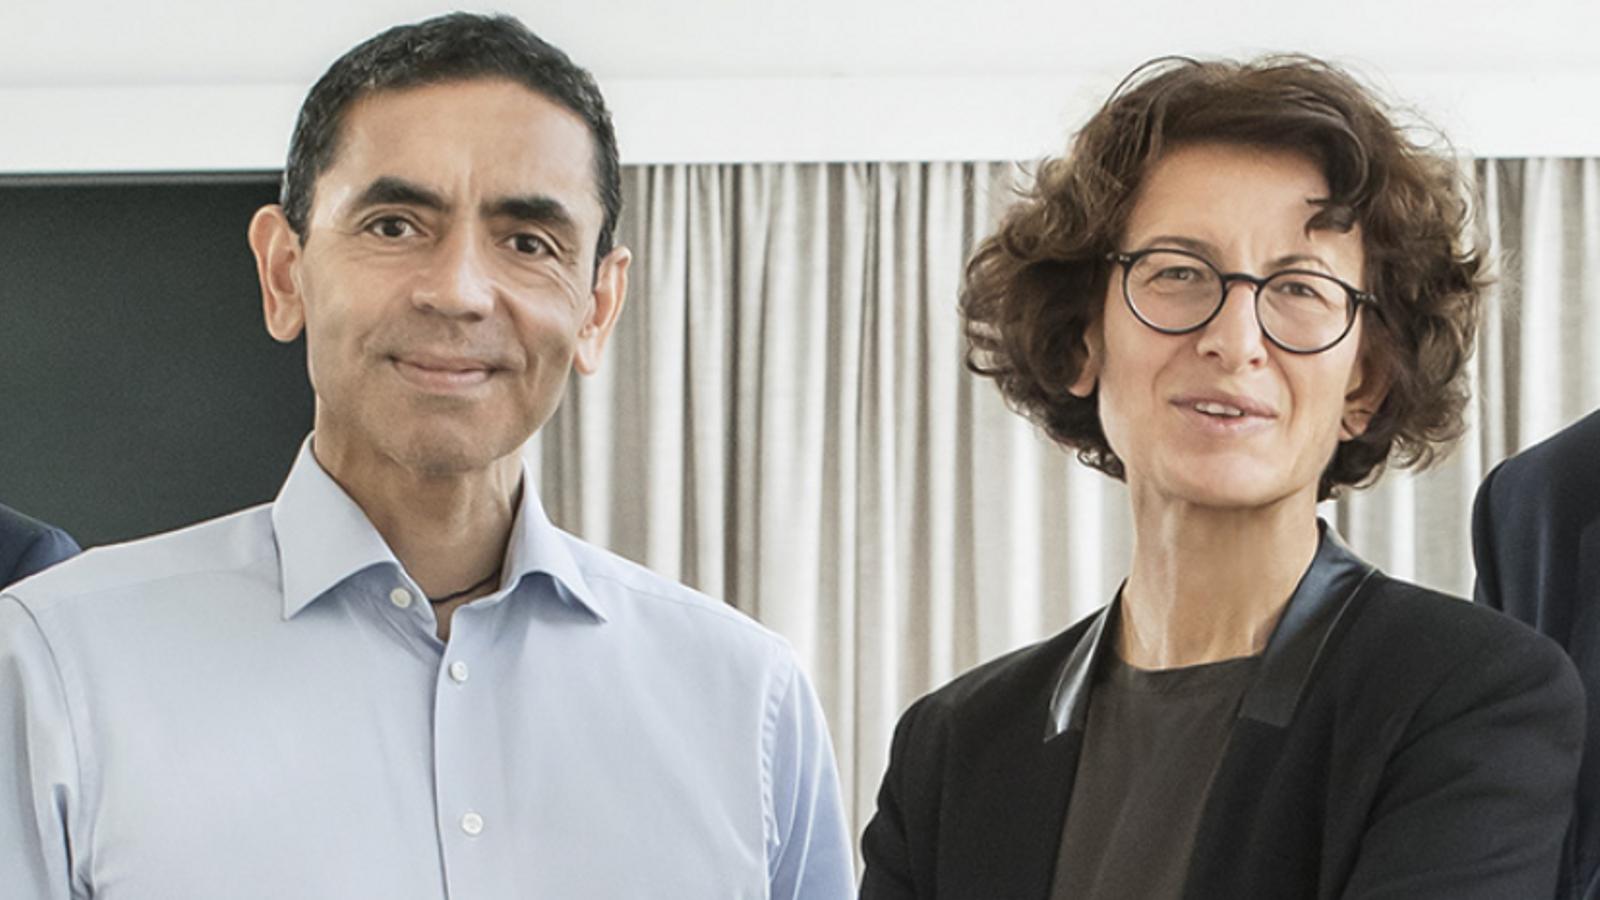 Ugur Sahin y Özlem Türeci, los padres turco-alemanes de la vacuna más esperanzadora contra el covid-19